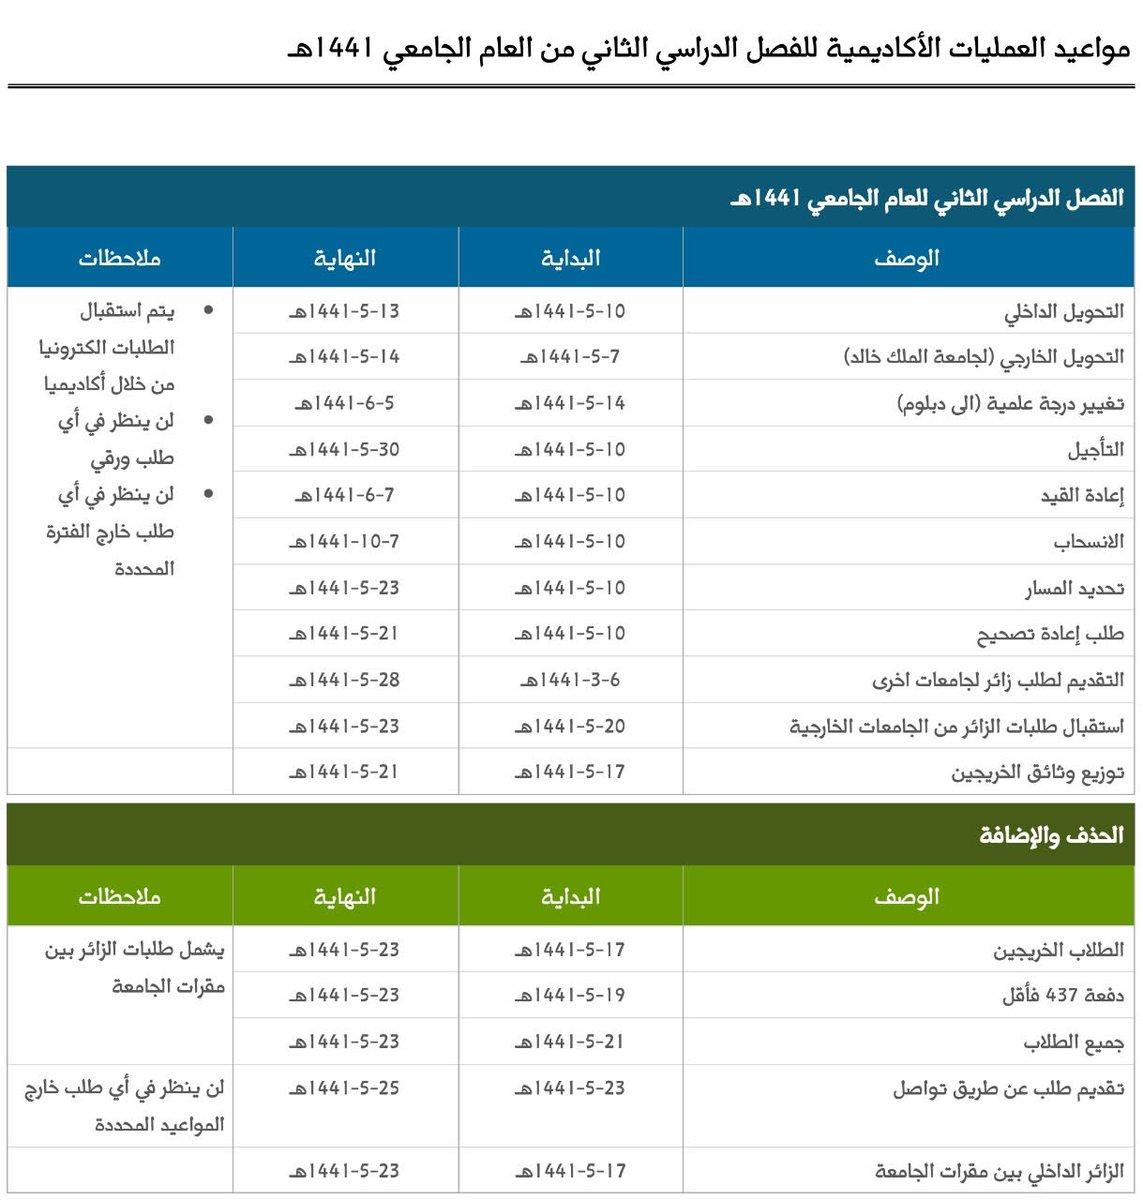 معظم مدينة ميندا متر جامعة الملك خالد جداول Ffigh Org